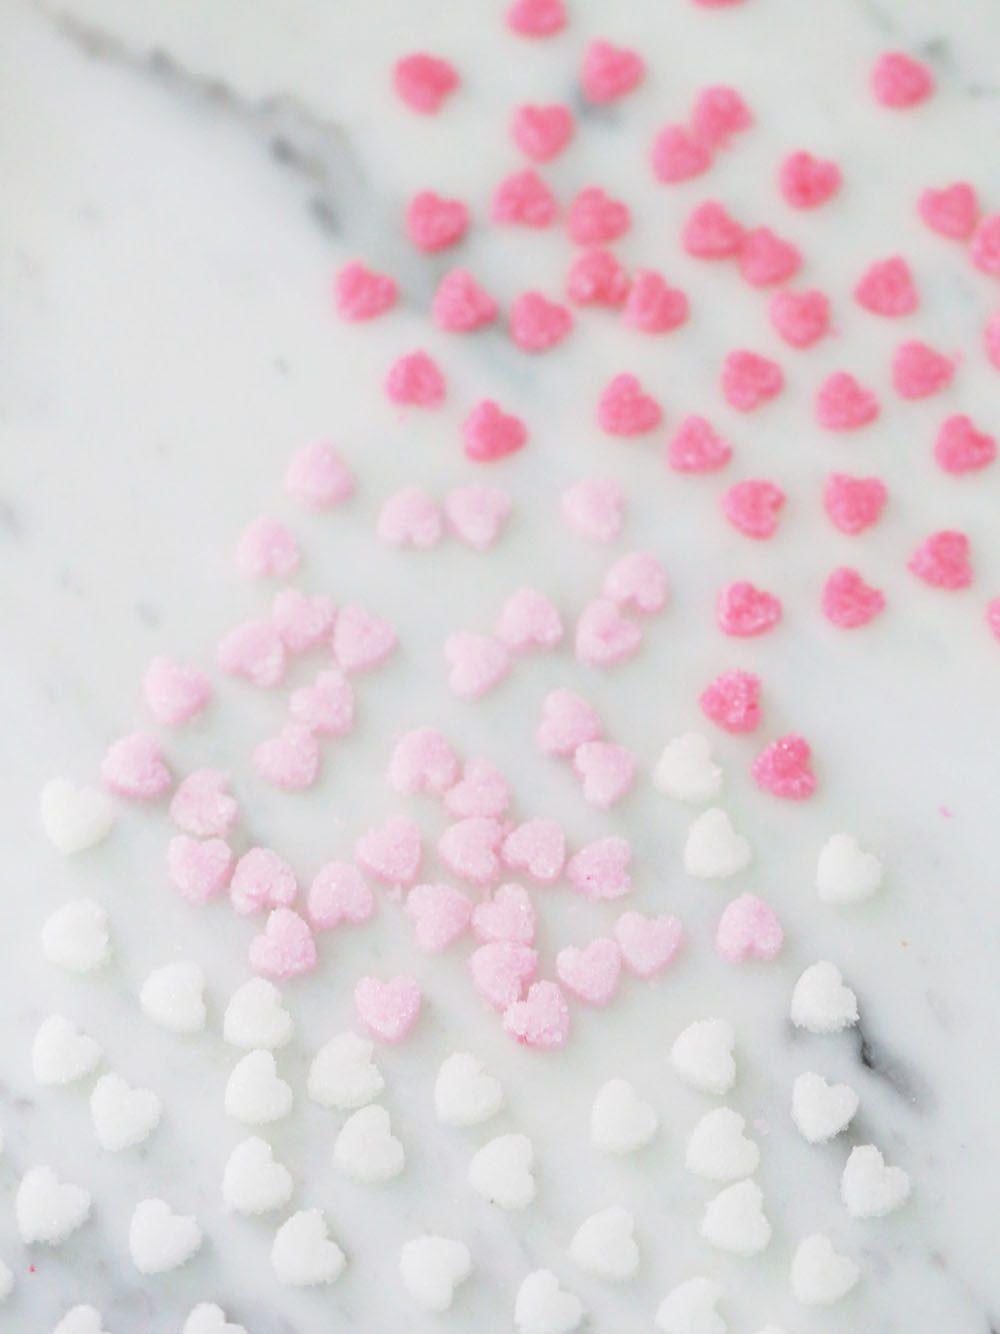 jillian-harris-erin-sousa-valentine-sugar-hearts-4